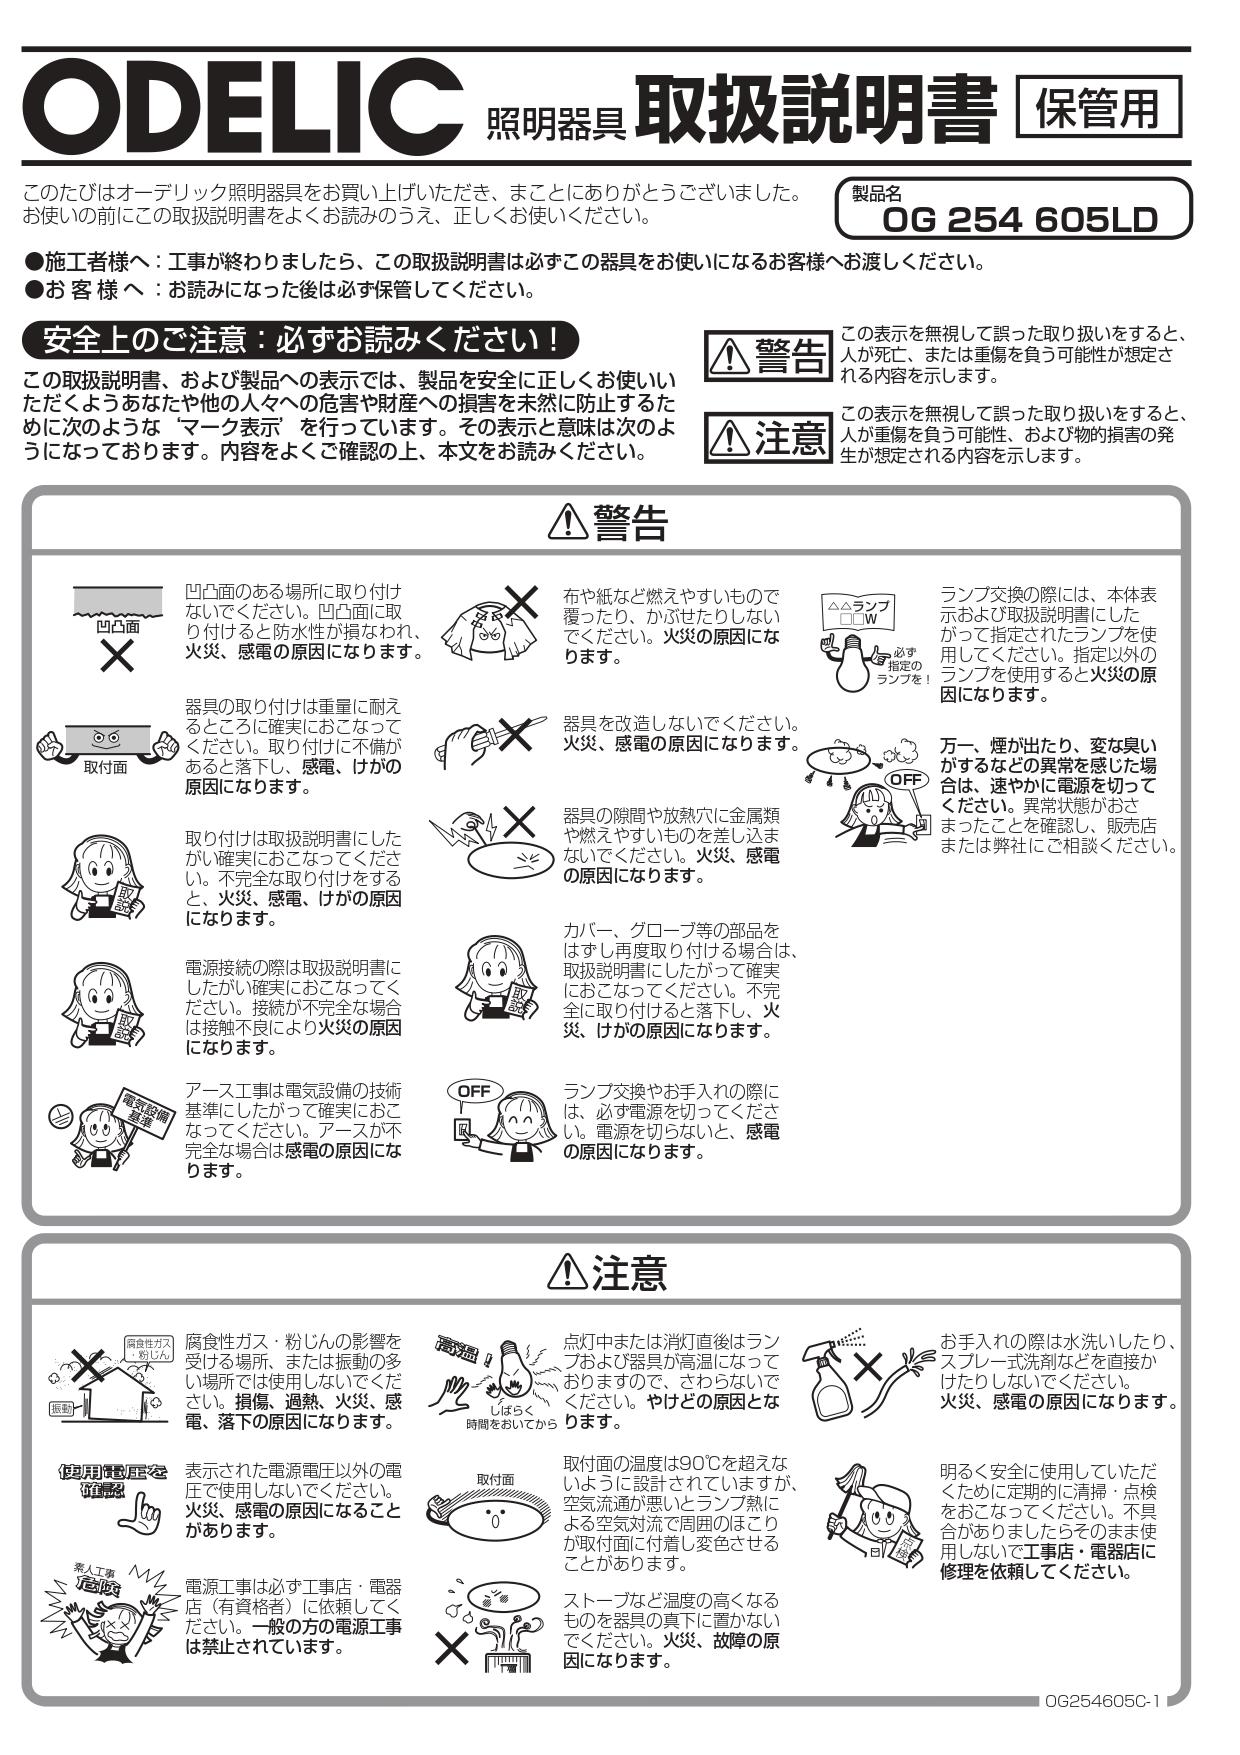 ポージィウォールライトUNOG254605LD_取扱説明書_page-0001